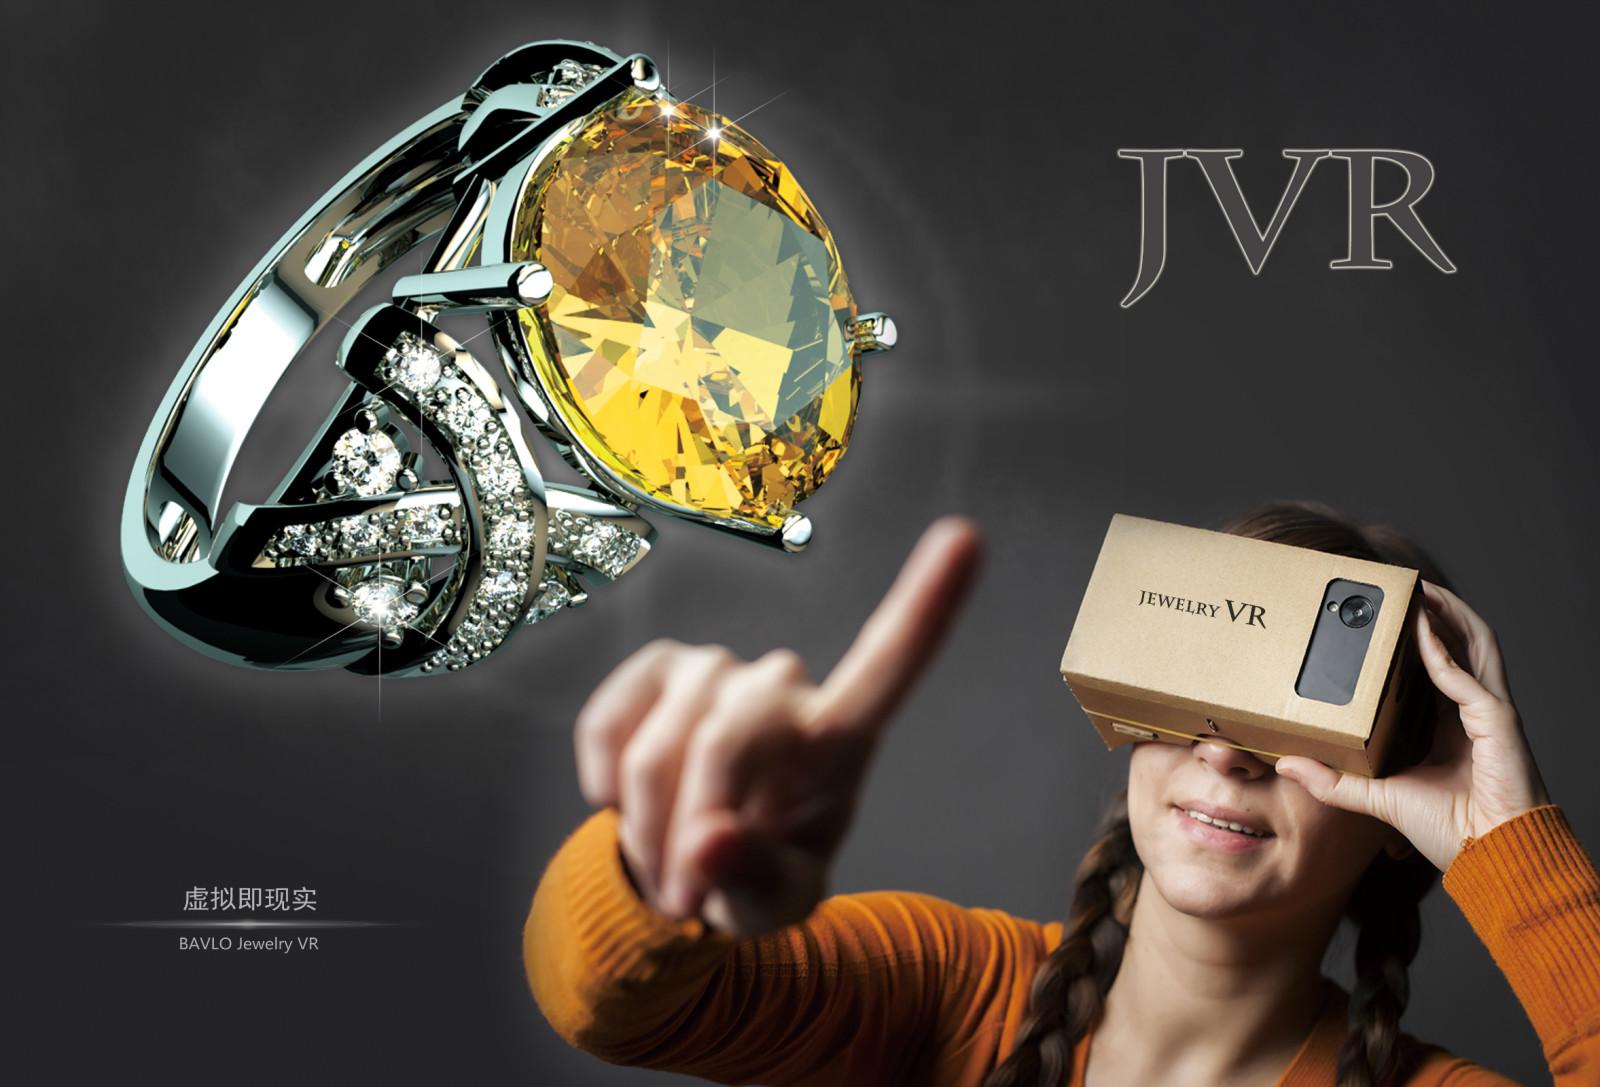 宝珑 虚拟现实 JVR 珠宝定制